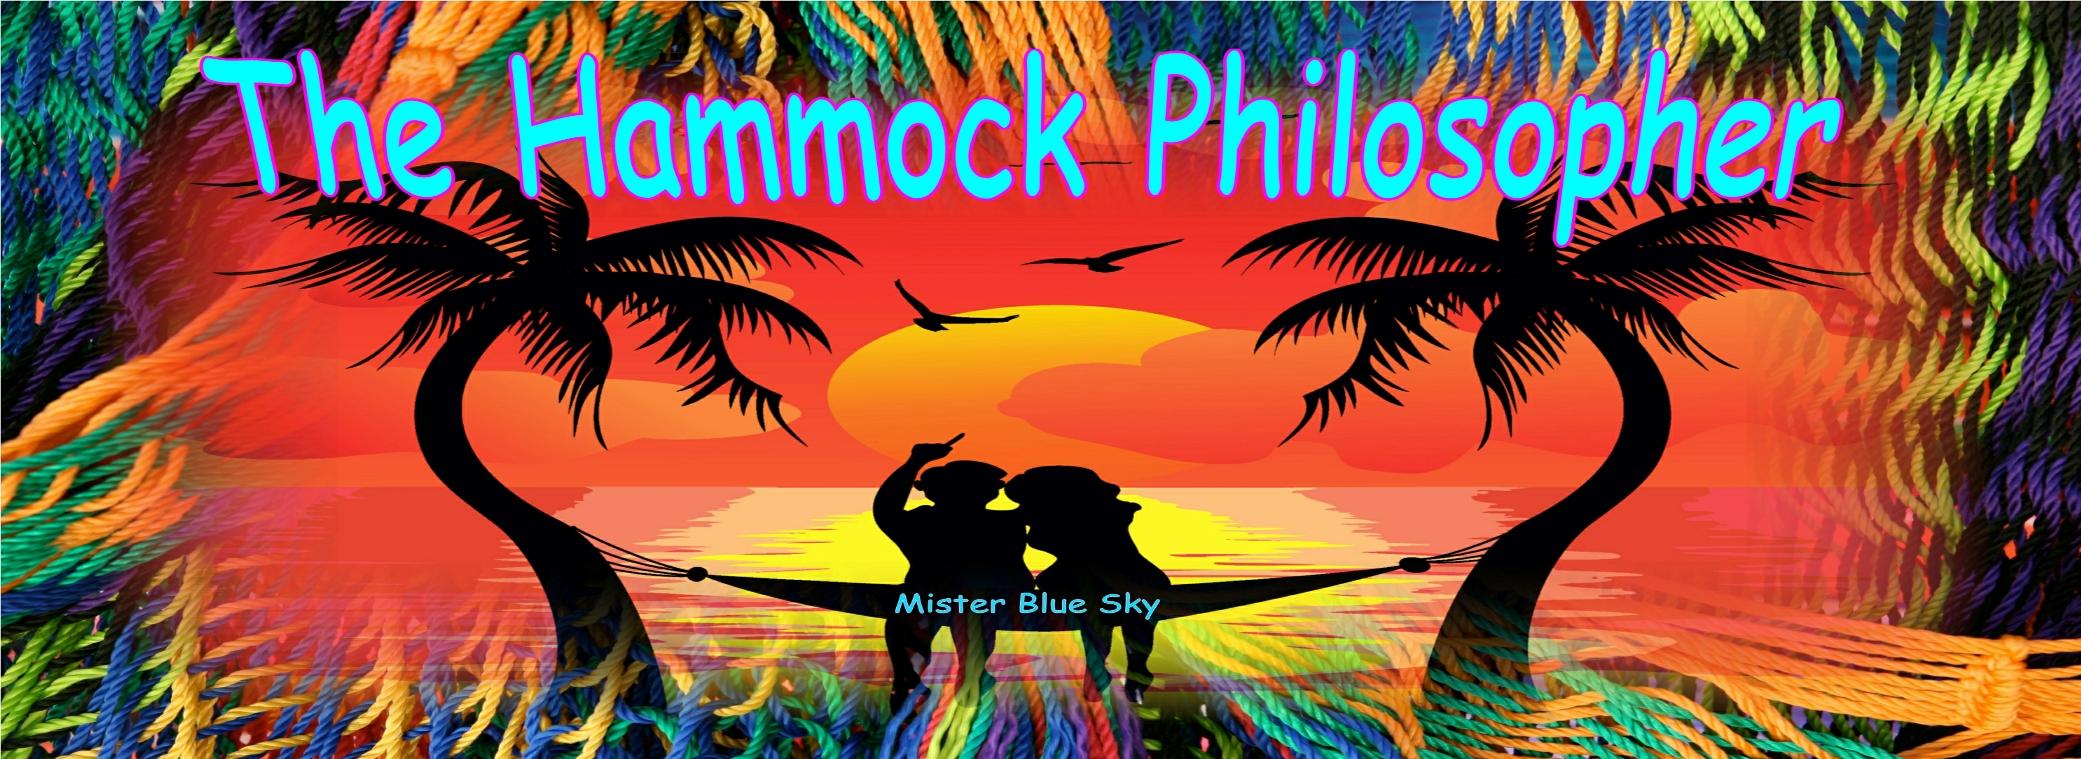 The Hammock Philosopher